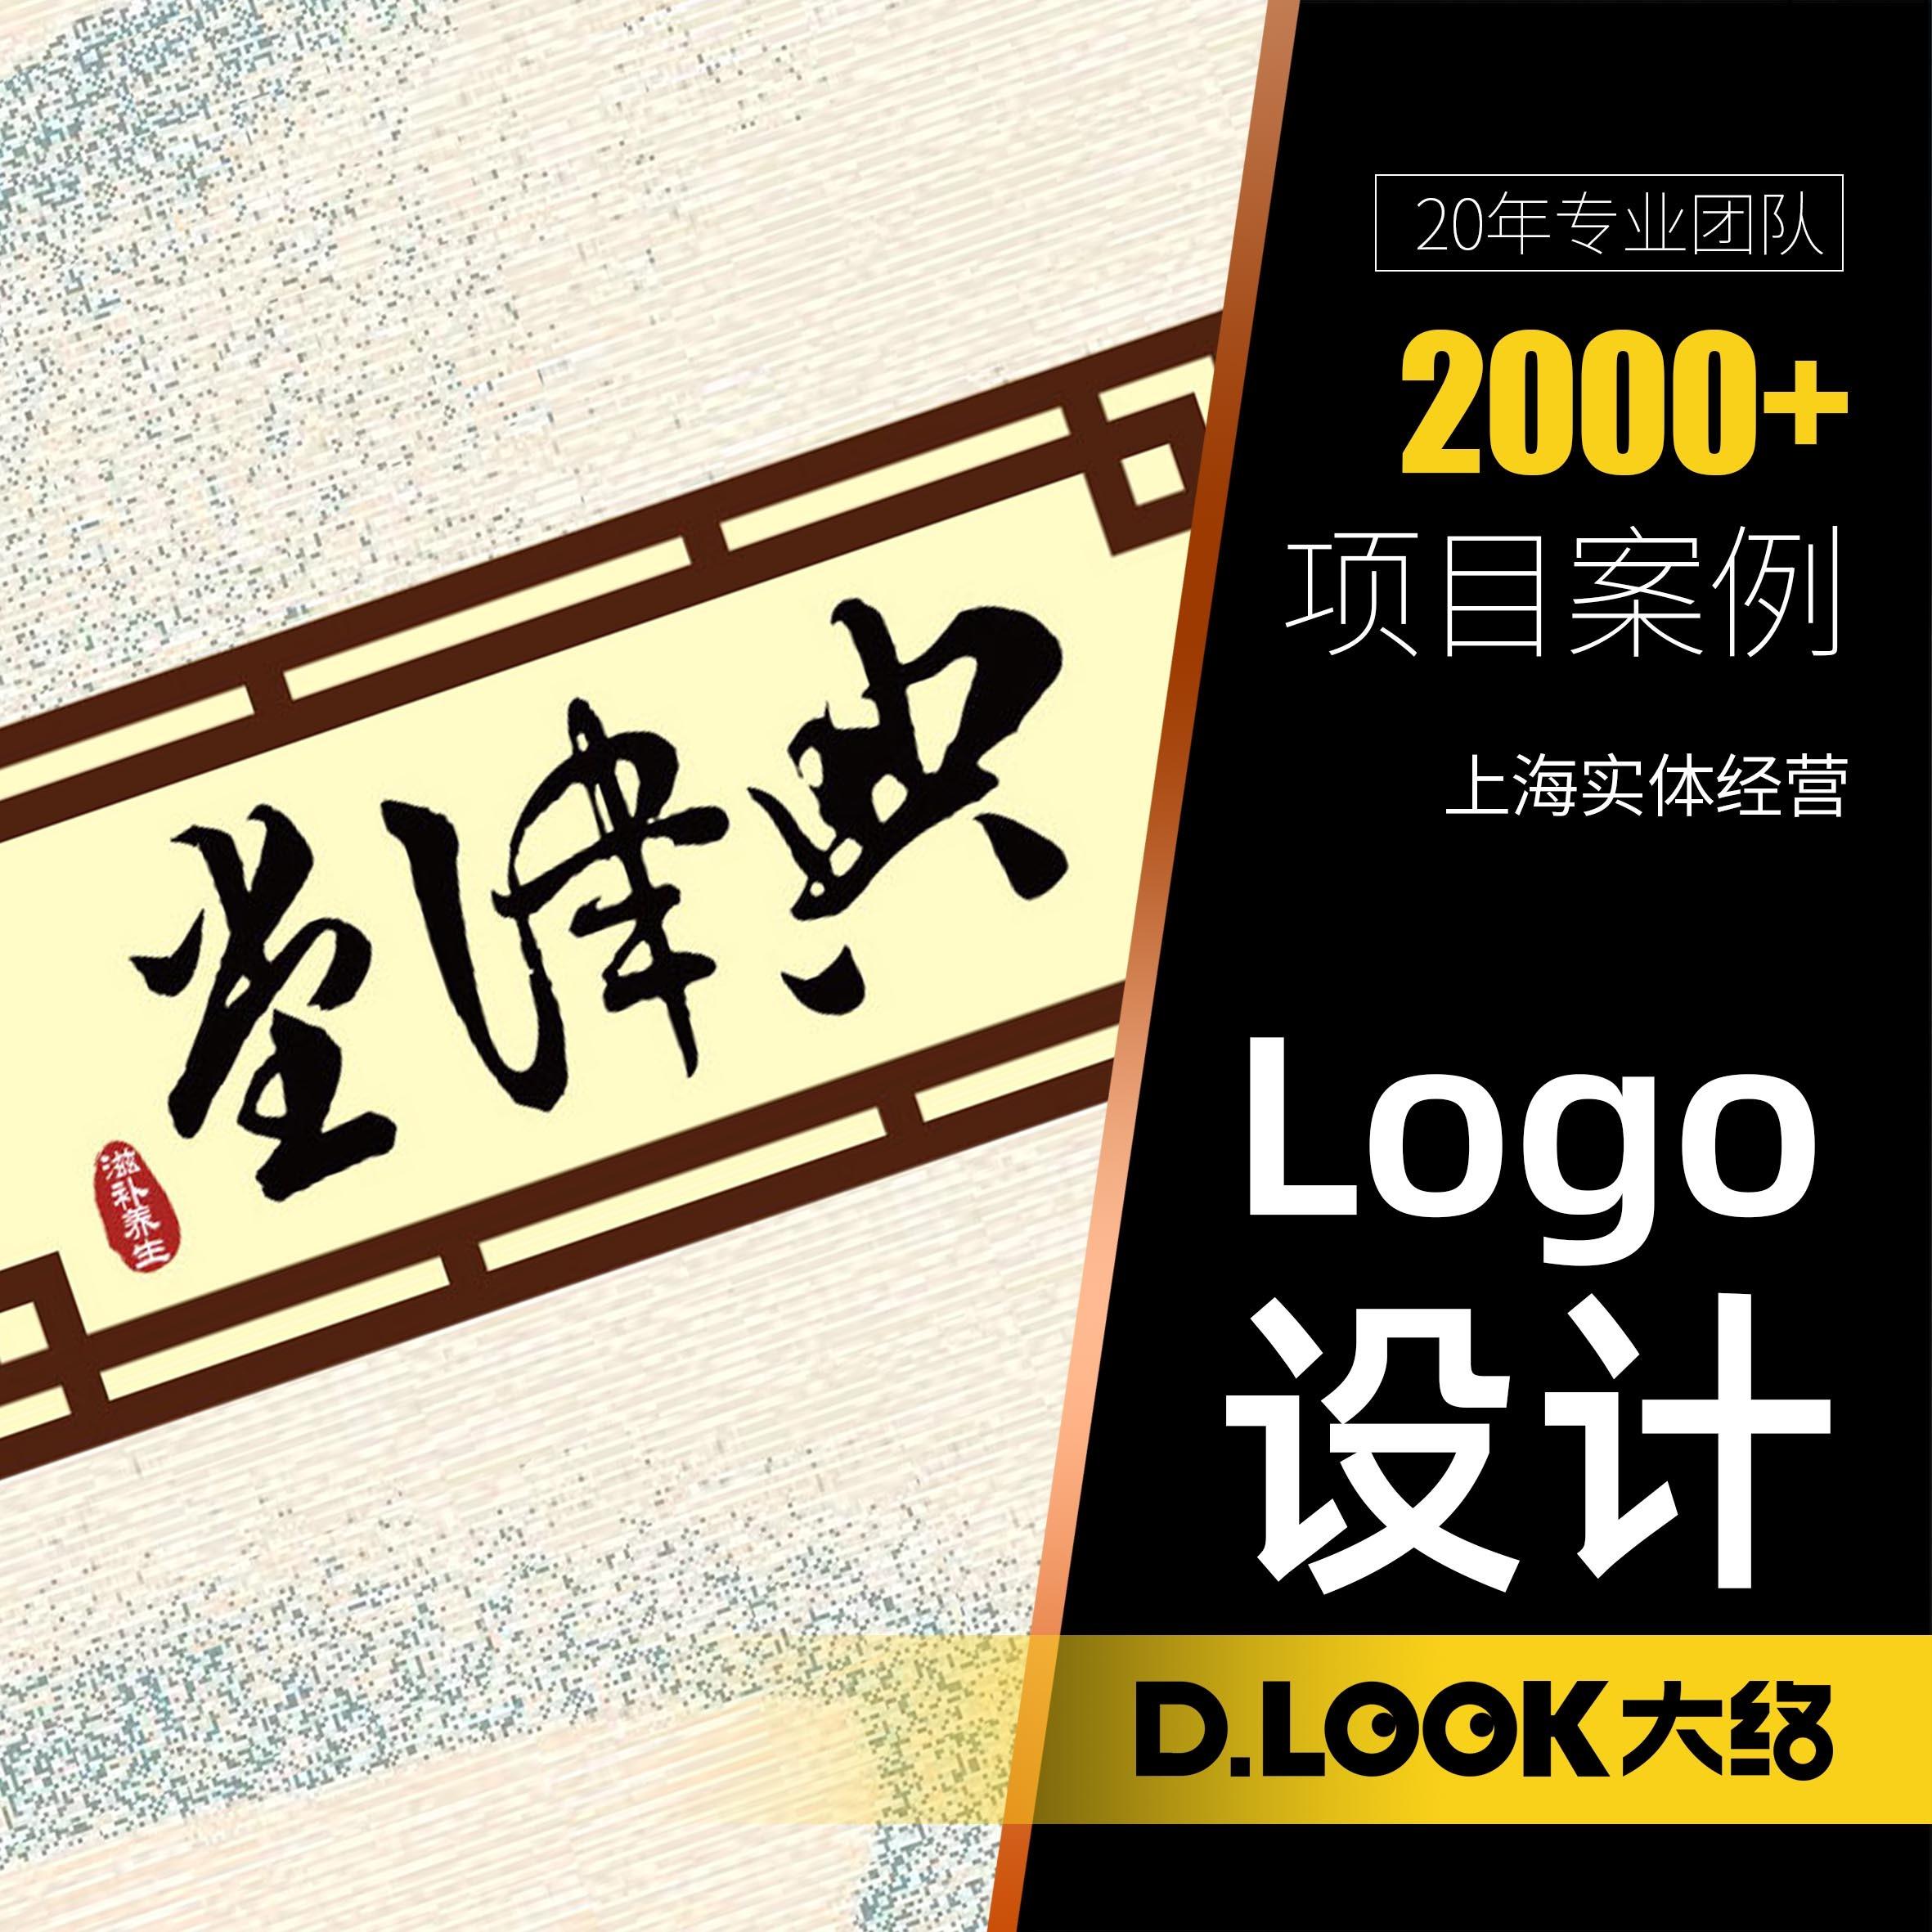 【牛年特惠】上海实体经营—保健品零售店面-logo品牌设计